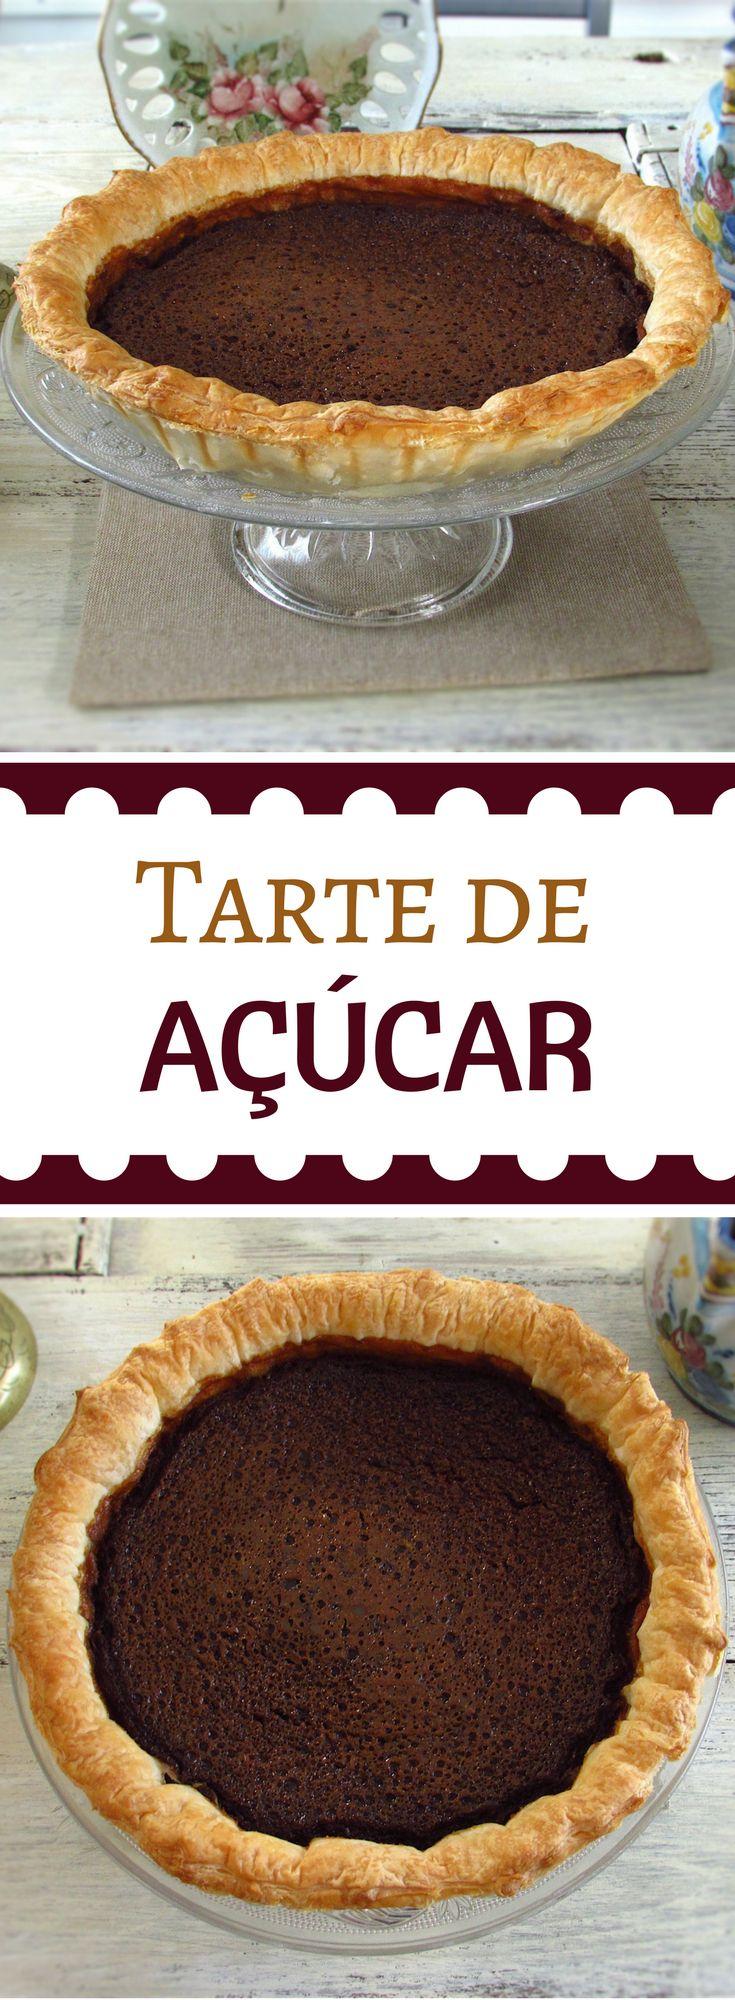 Tarte de açúcar| Food From Portugal. Uma sobremesa ideal para um jantar de Inverno, com o sabor especial do açúcar mascavado. Adicione uma bola de gelado de baunilha… é de deixar água na boca… #receita #tarte #açúcar